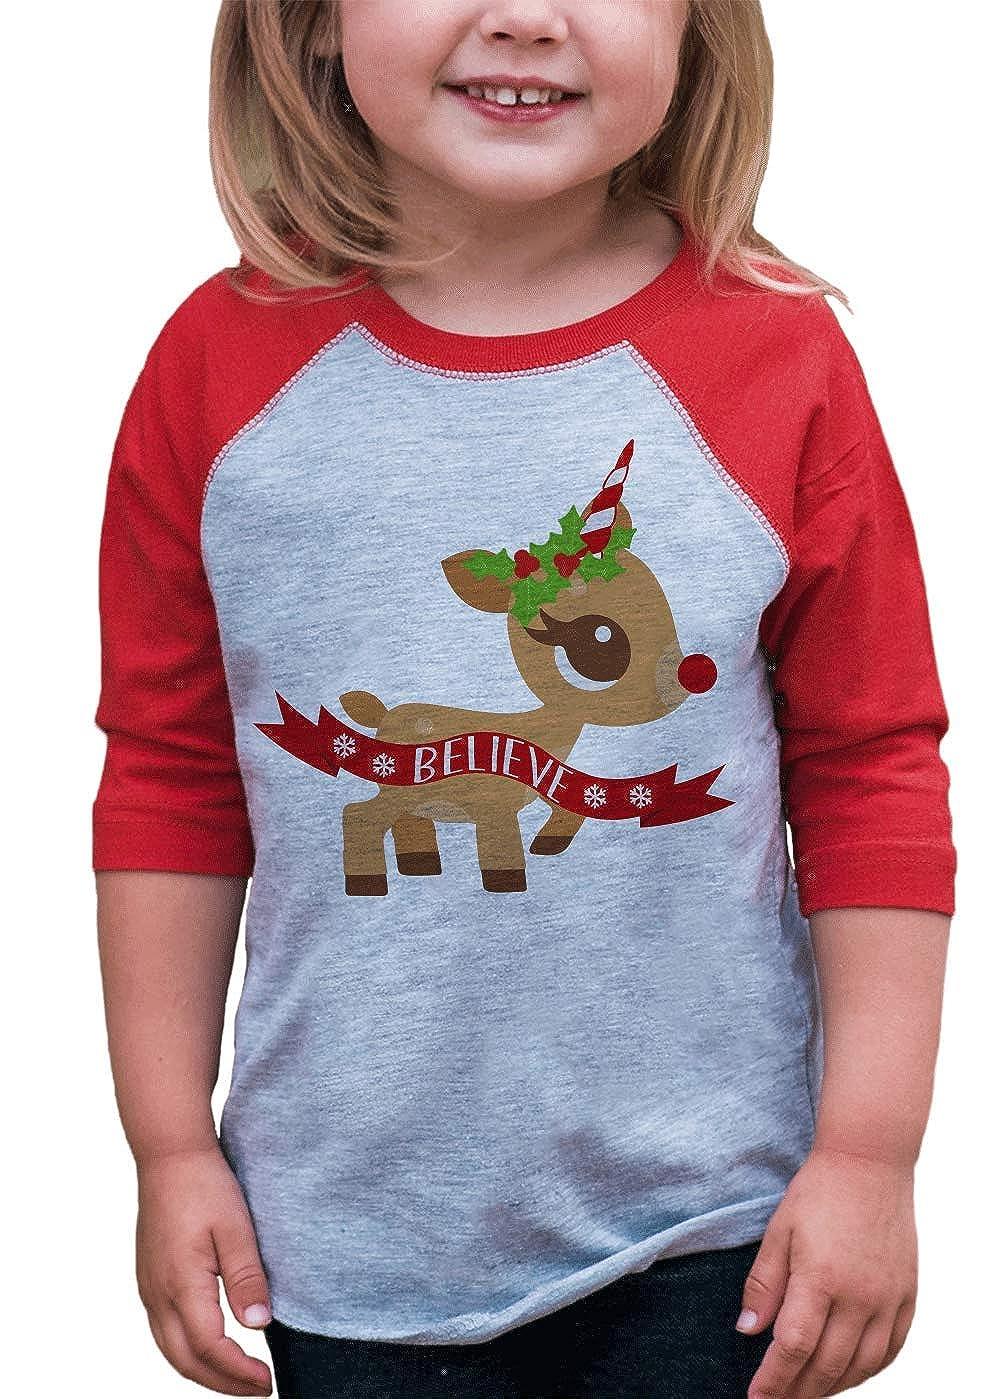 7 ate 9 Apparel Girl's Christmas Unicorn Red Baseball Tee